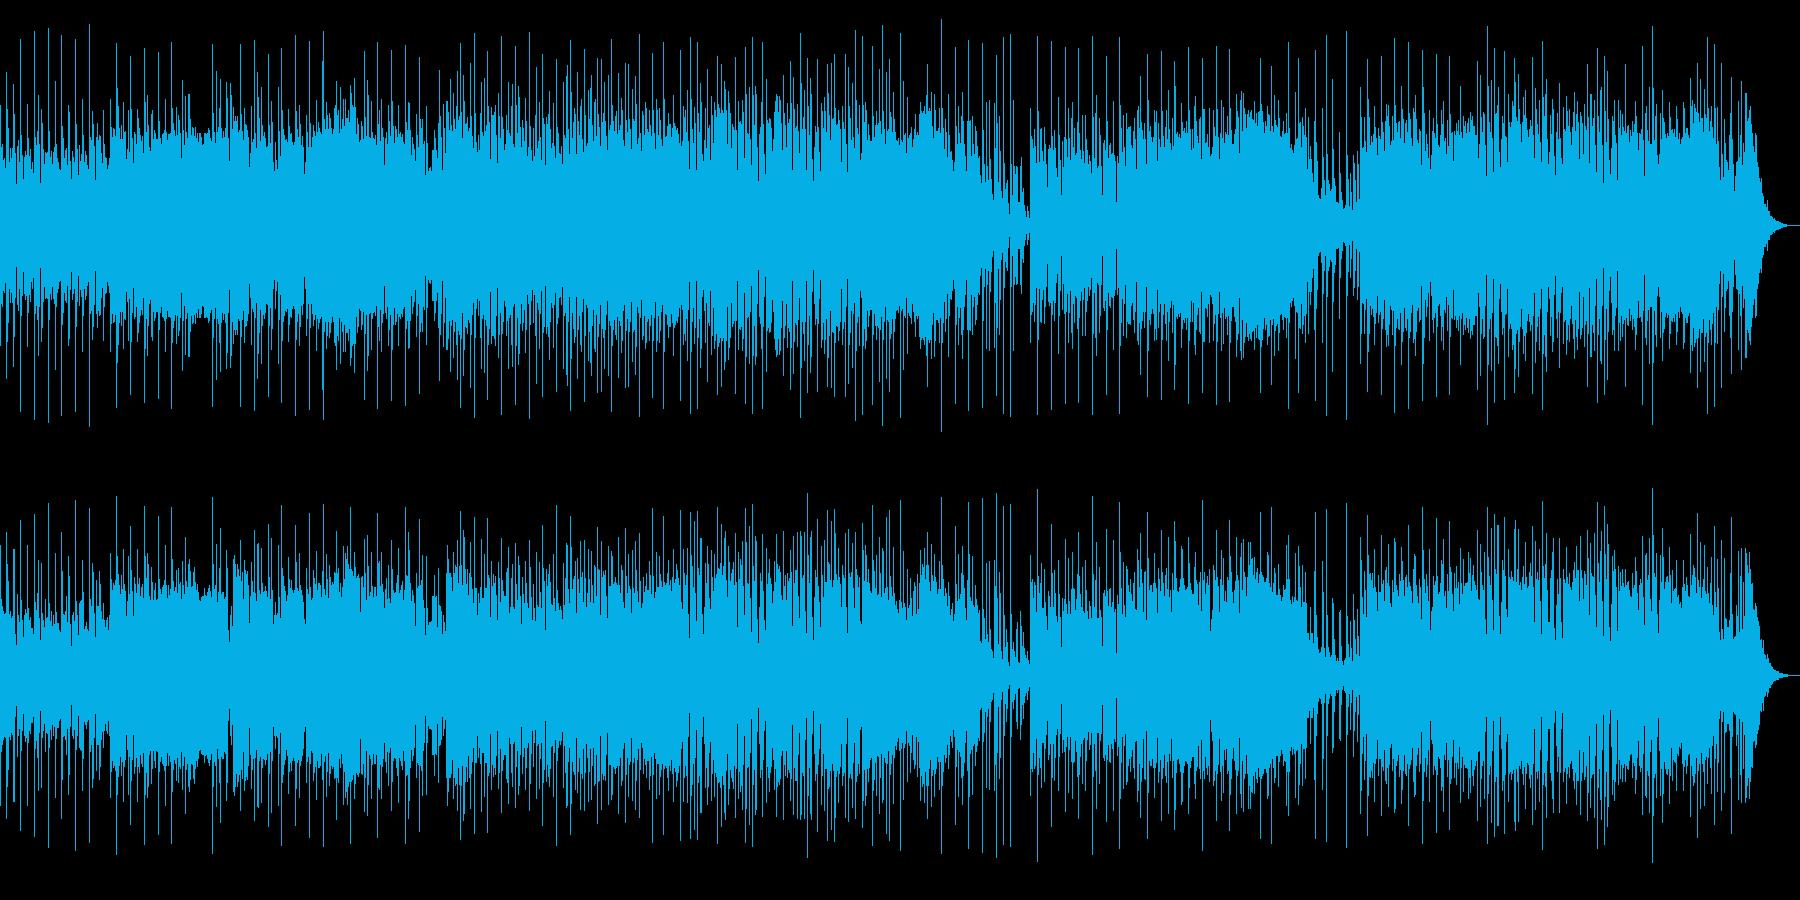 勢いのある熱いインストルメンタルロックの再生済みの波形